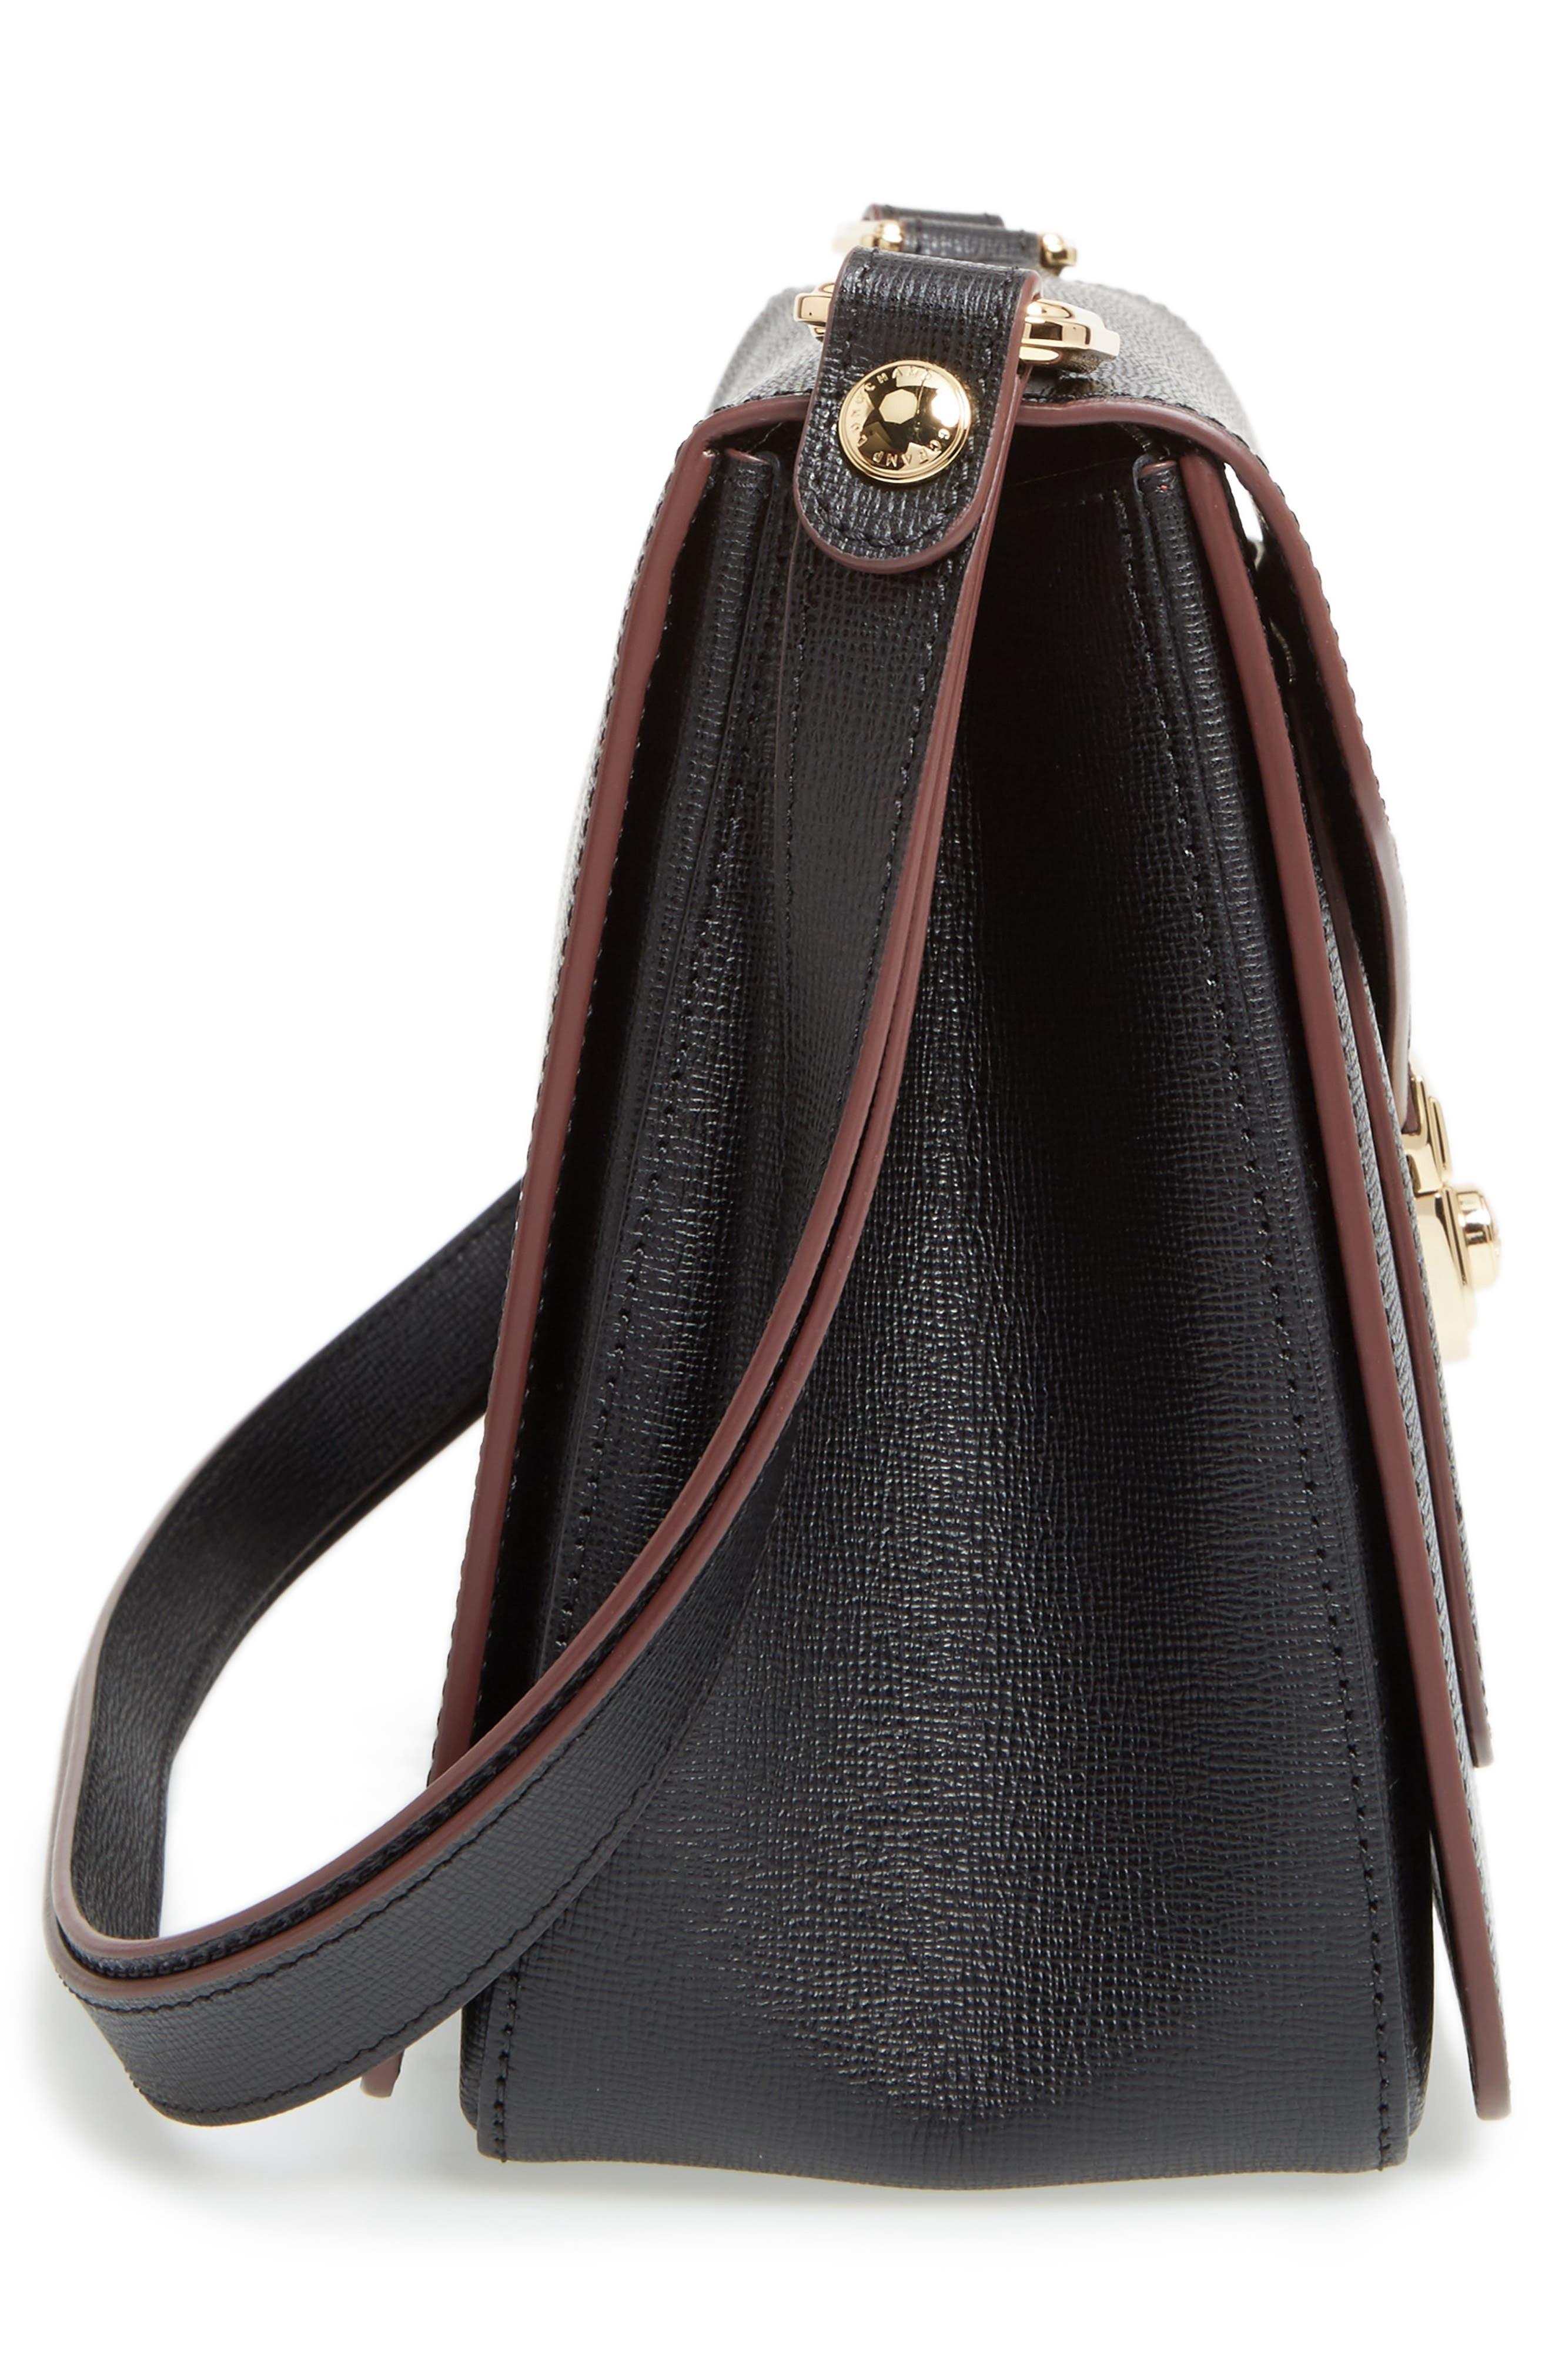 Pliage Heritage Leather Shoulder Bag,                             Alternate thumbnail 6, color,                             BLACK